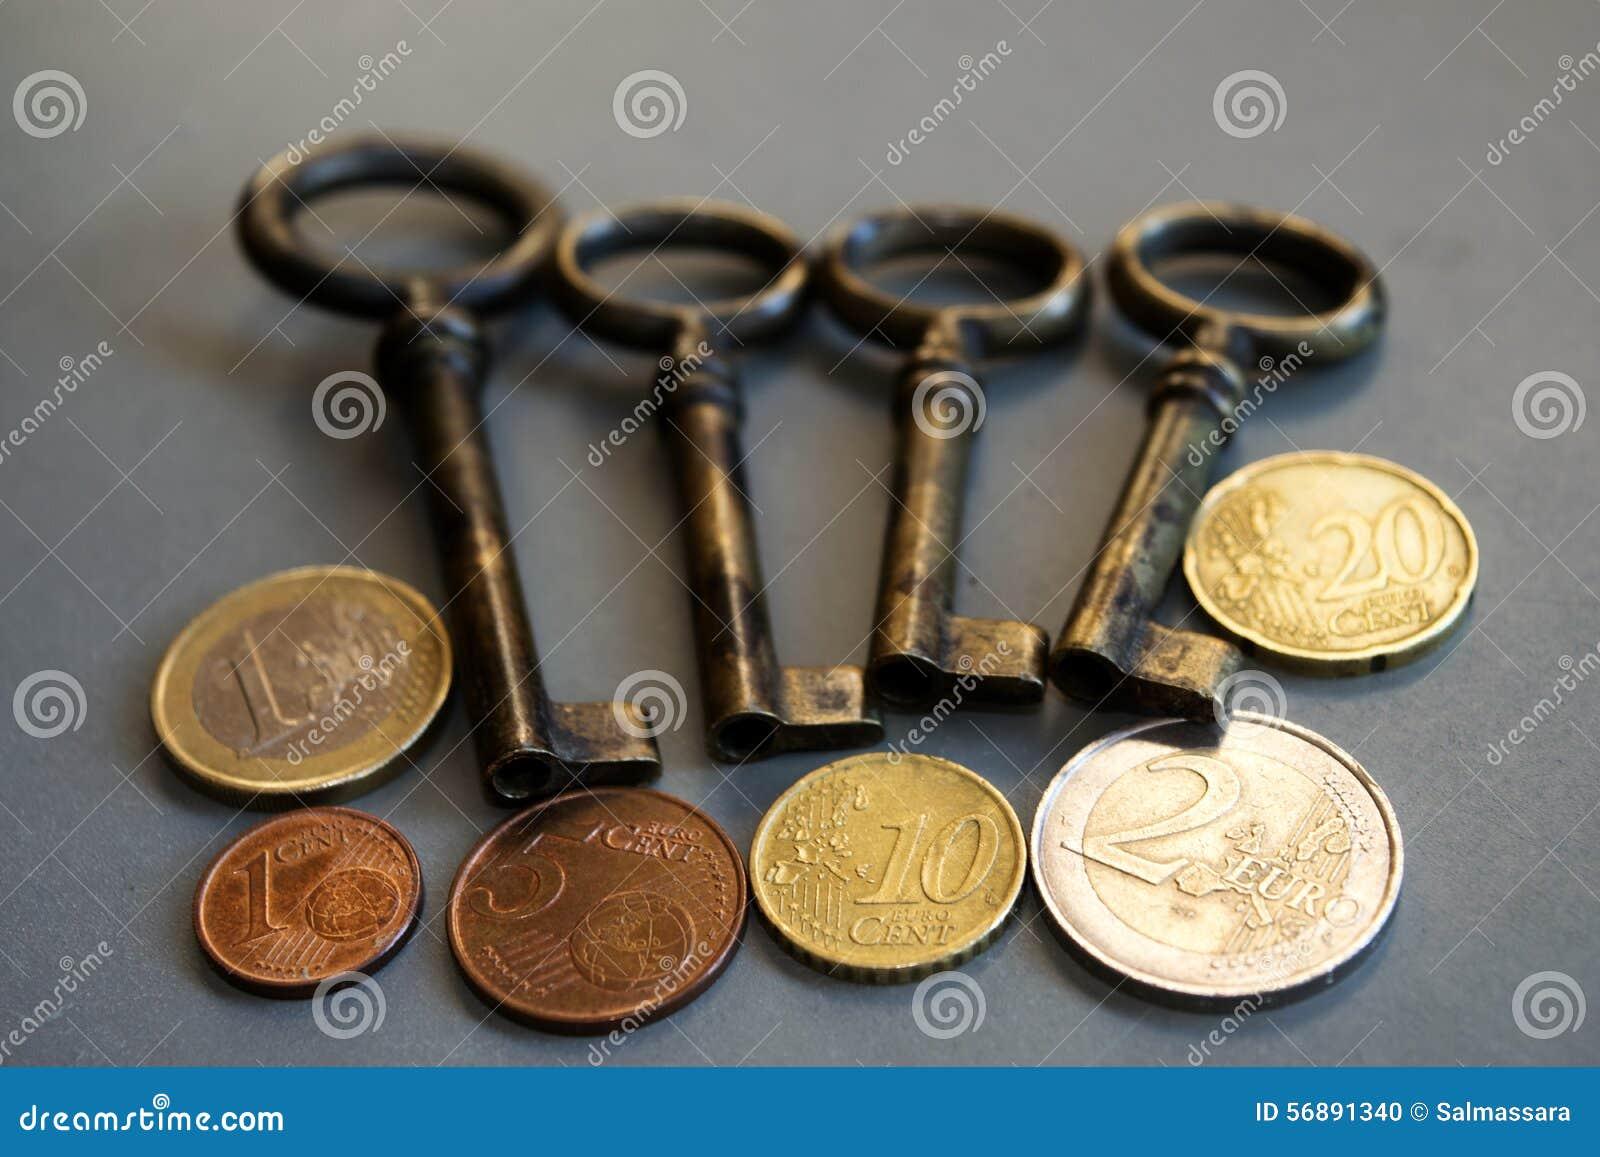 La chiave mercato dei cambi